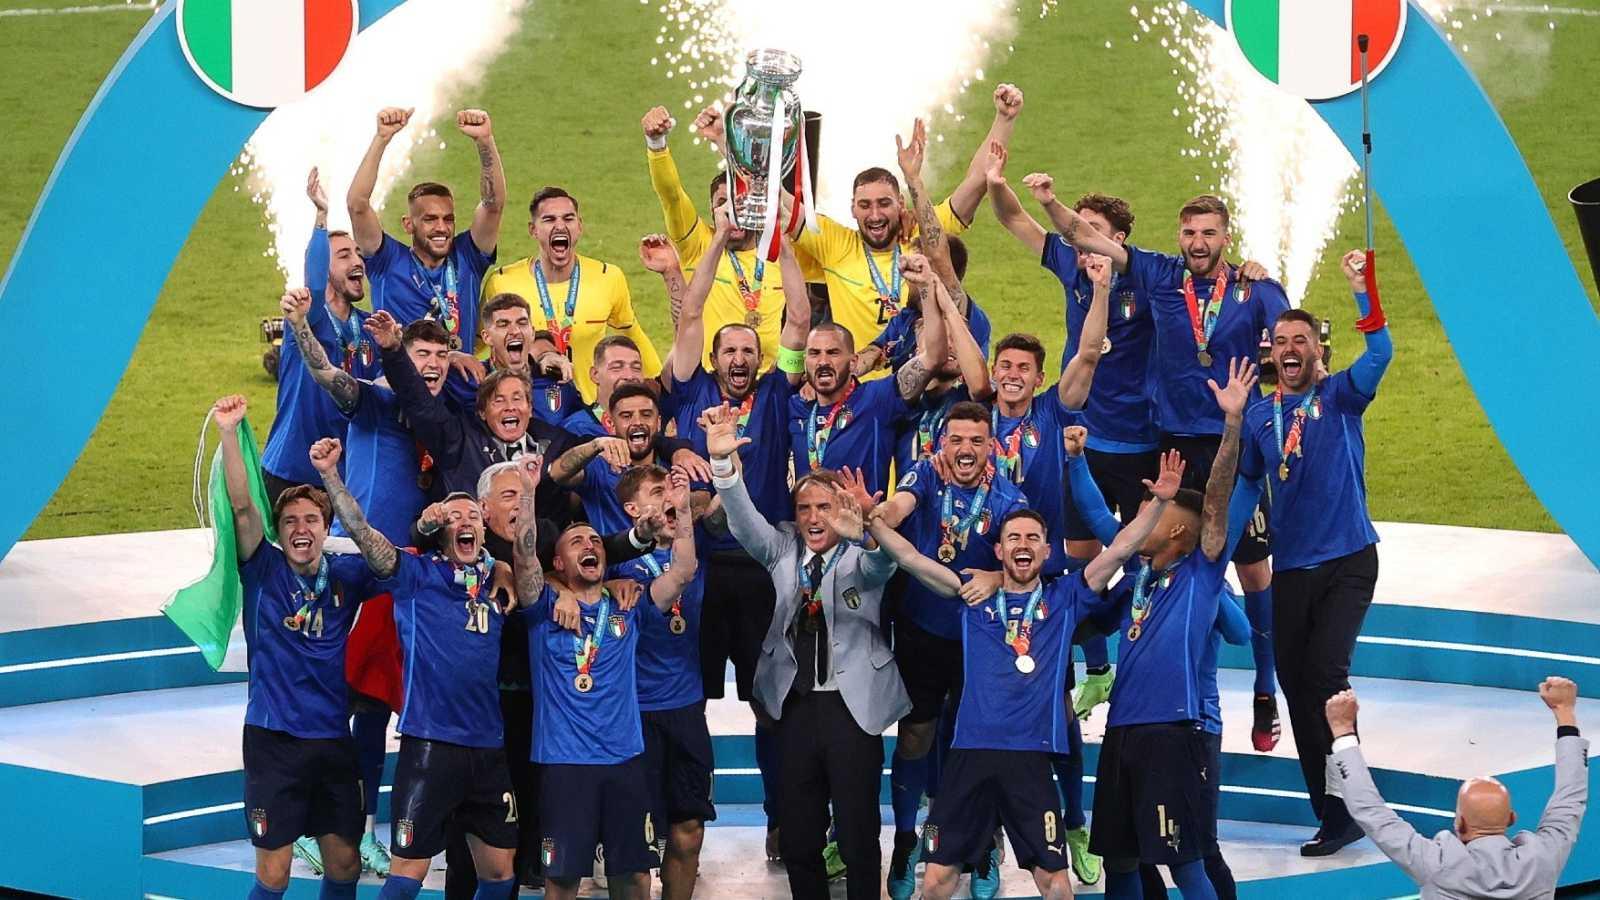 Italia campeona de Europa tras vencer en los penaltis a Inglaterra en Wembley